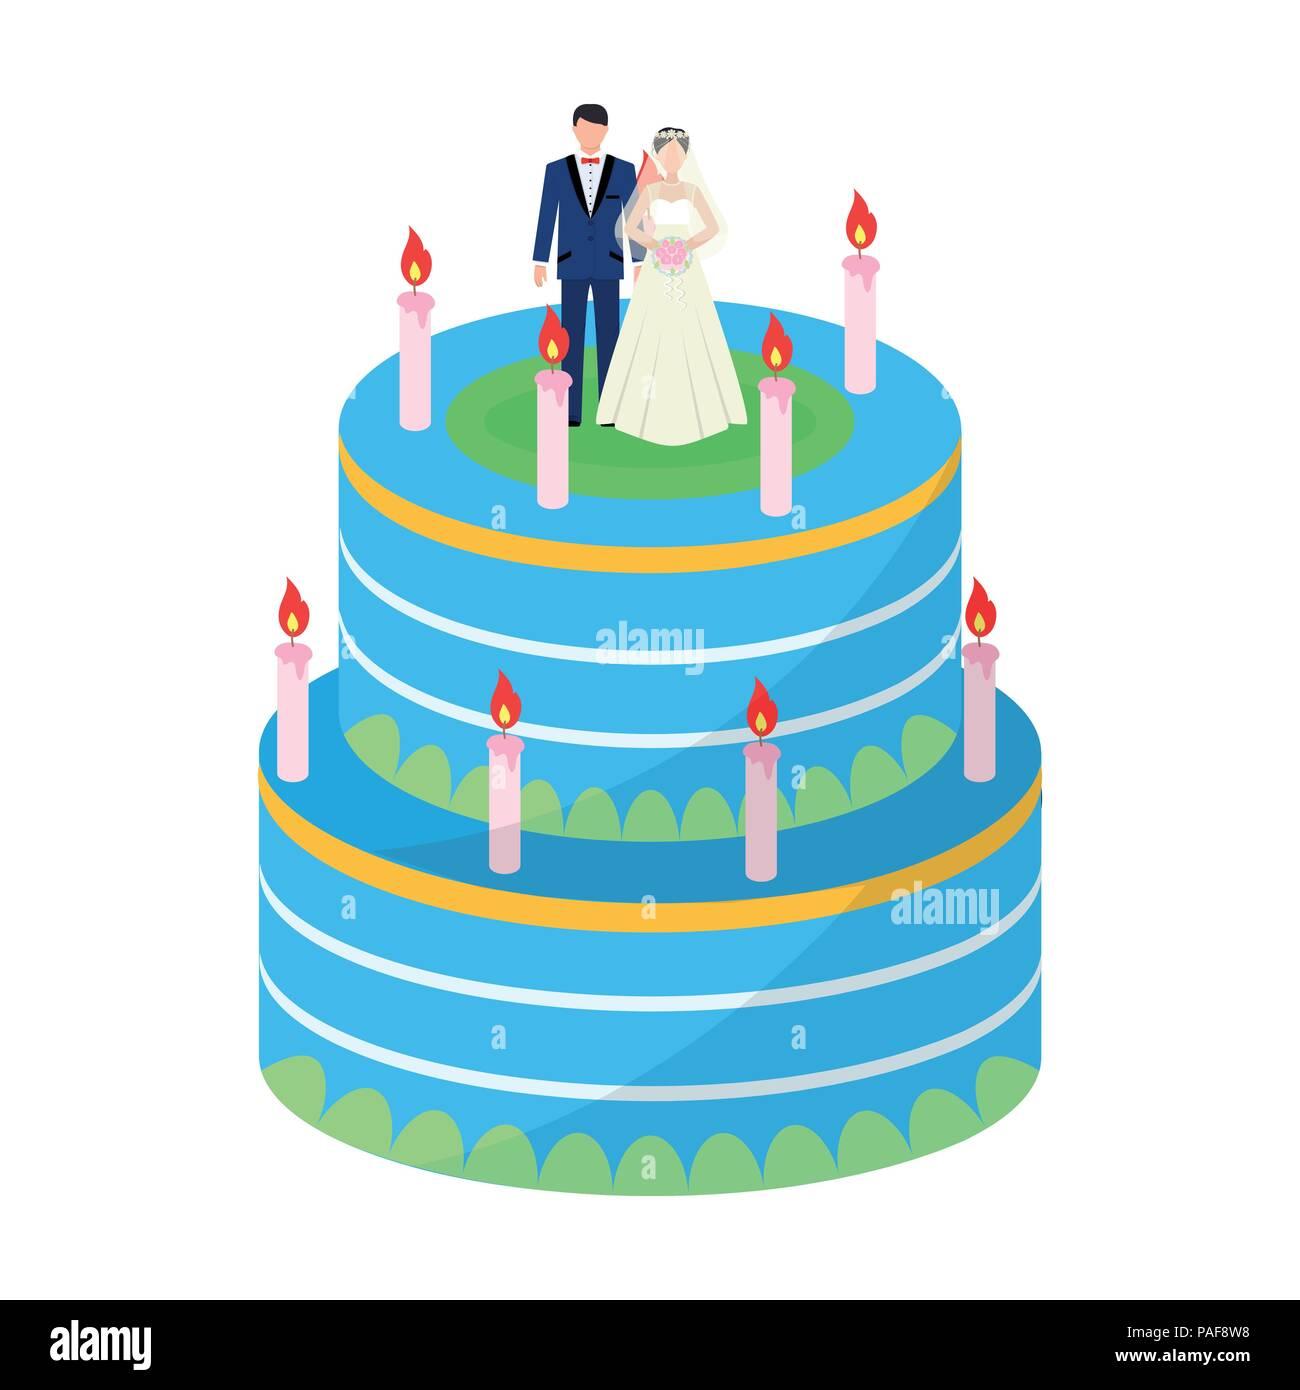 Eine Hochzeitstorte Behandeln Sie Die Gaste Zur Hochzeit Hochzeit